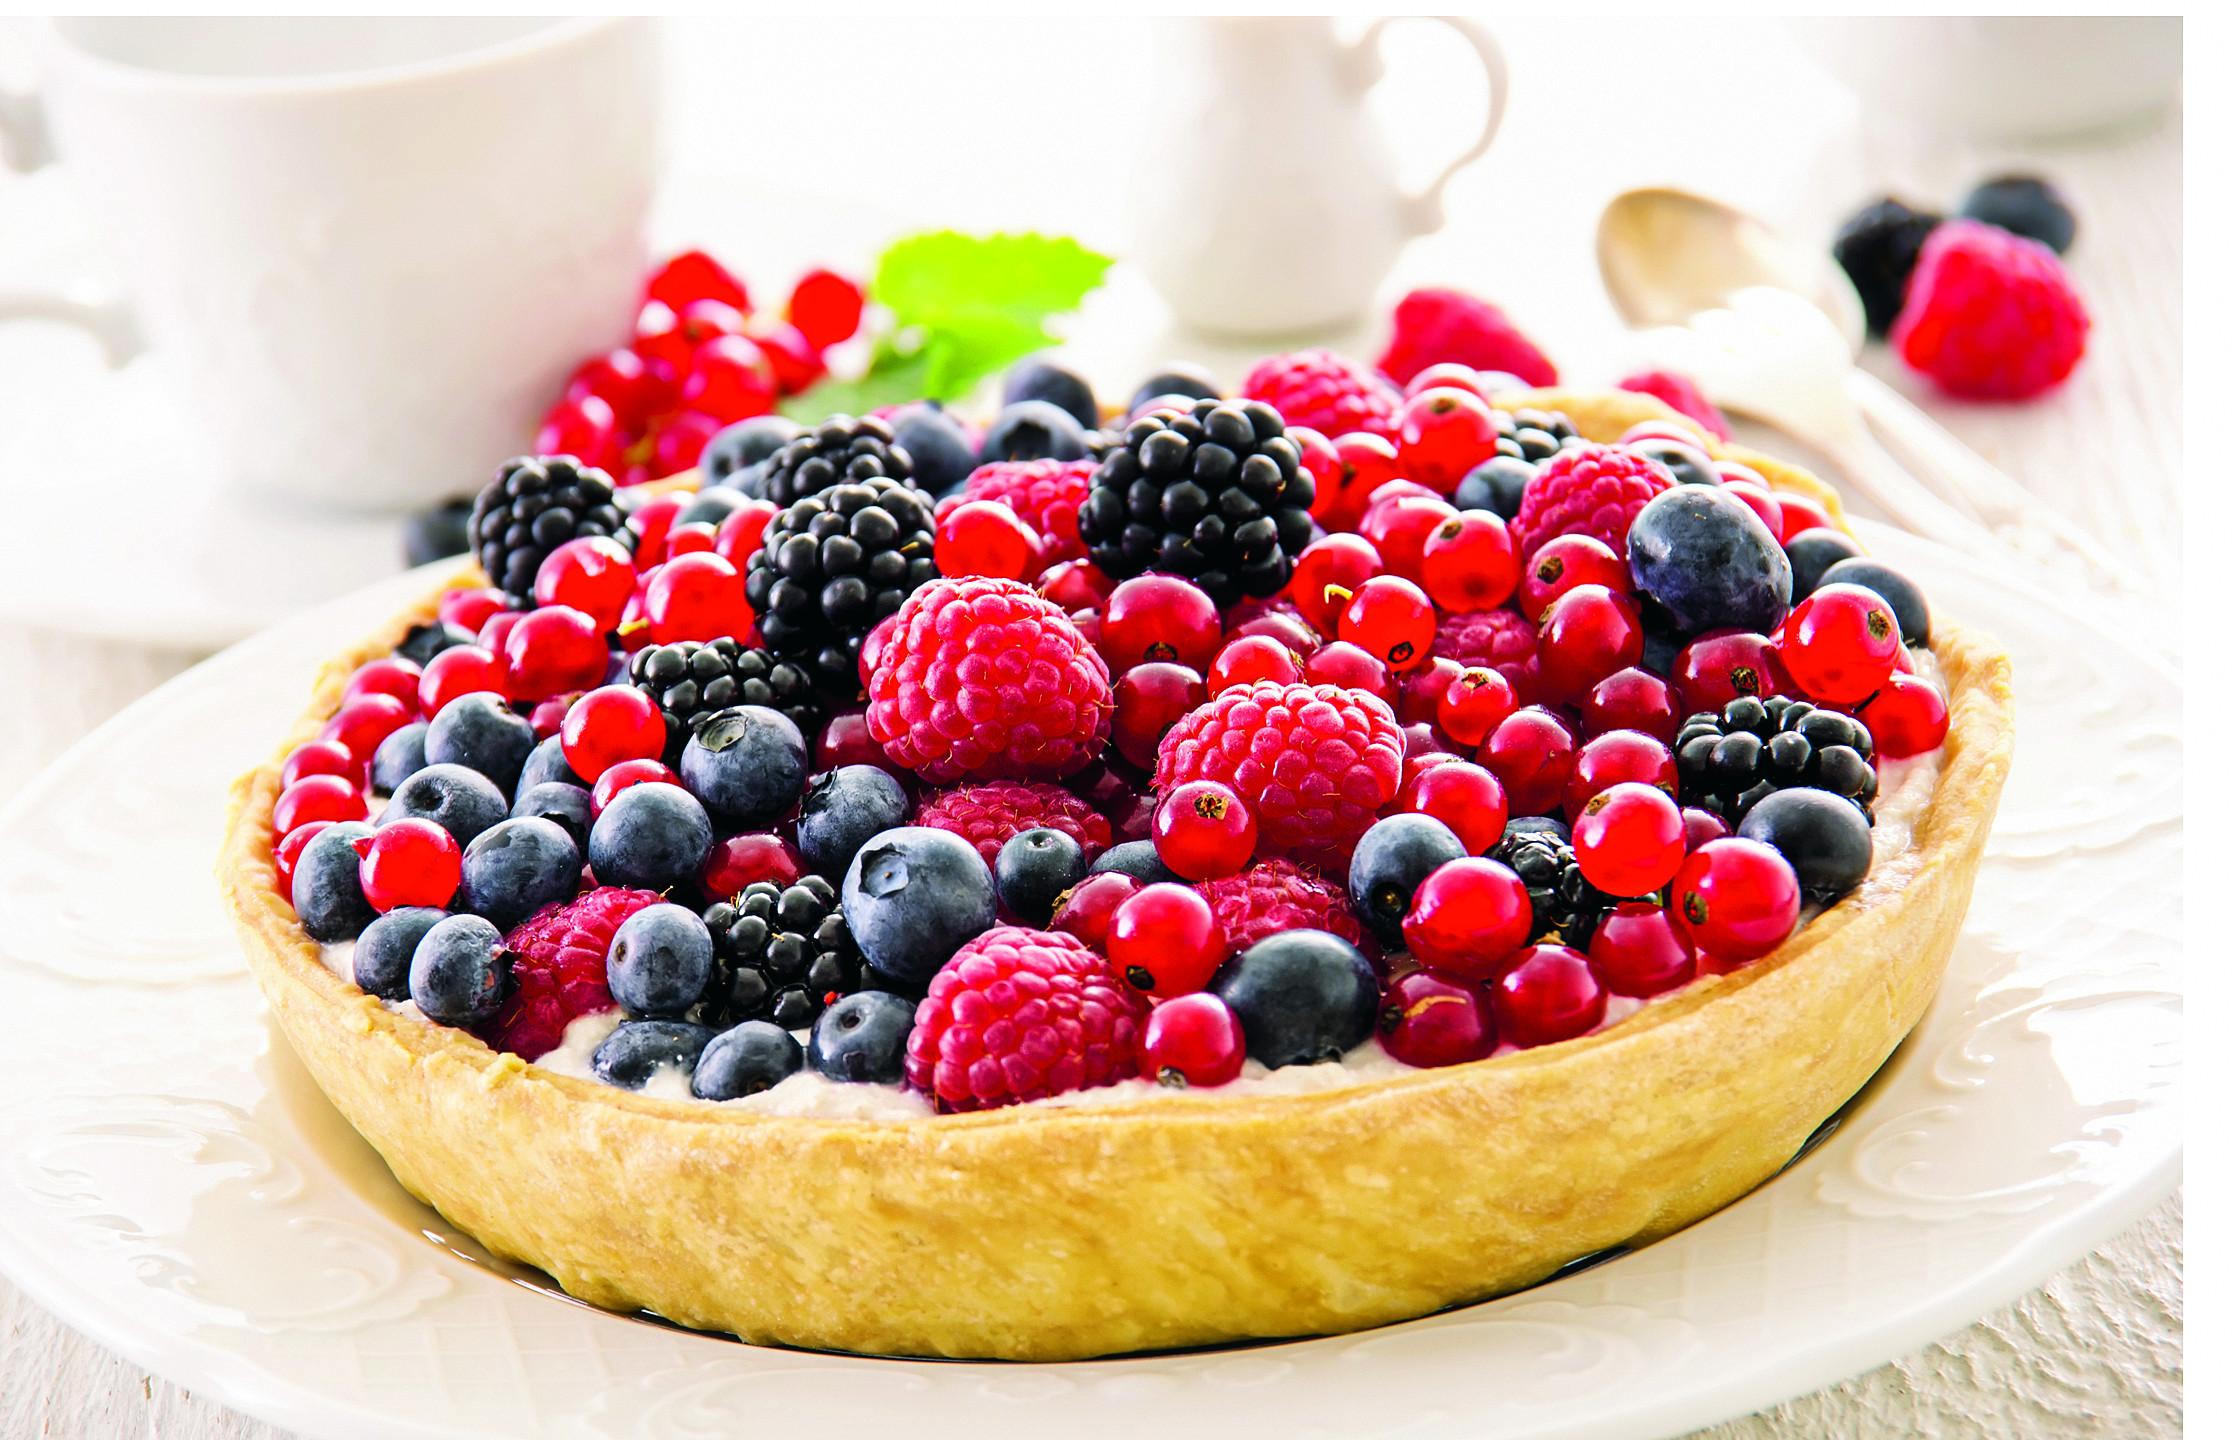 Мини-киш с ягодами